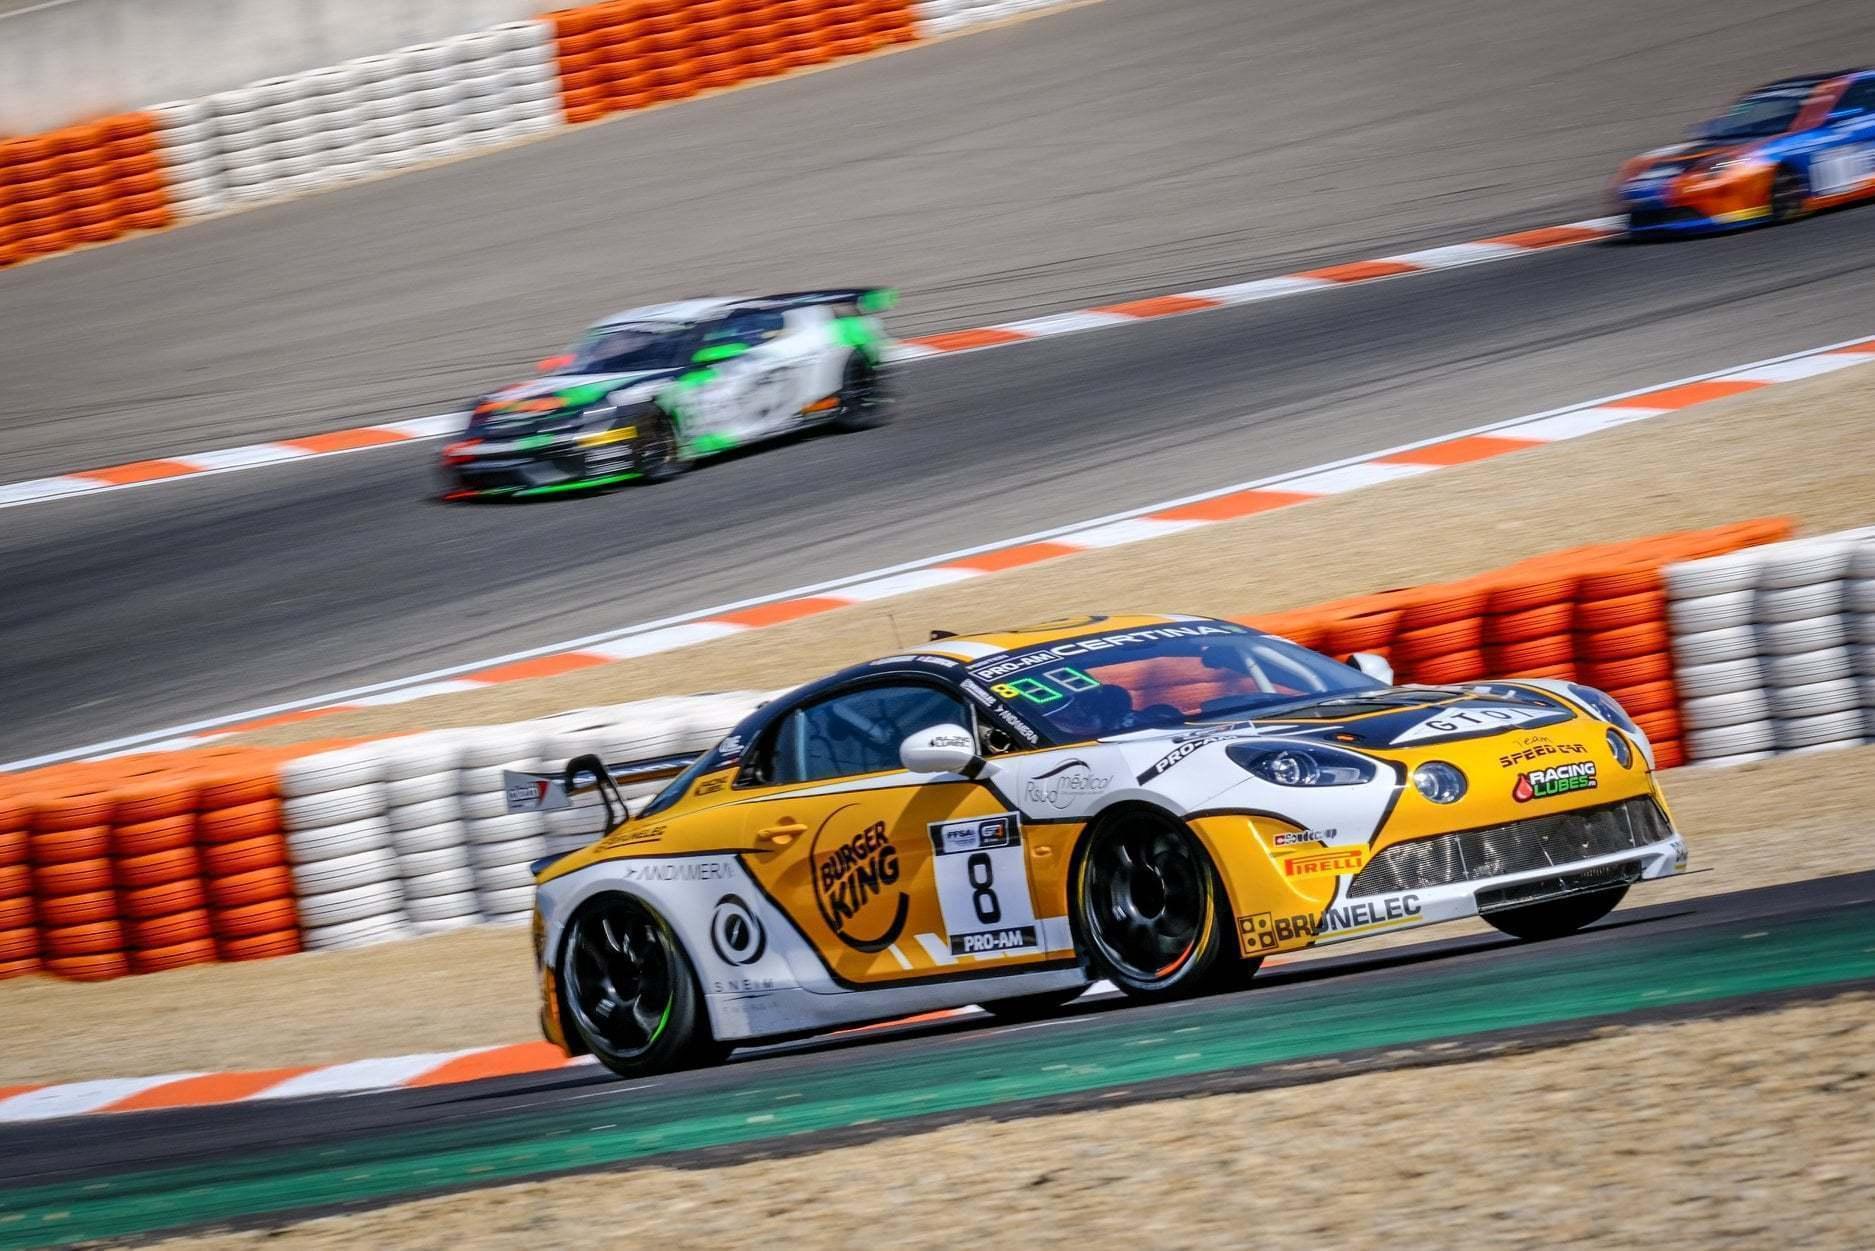 FFSA GT4 Circuit Lédenon Course 1 2019 Bodemer CMR Alpine A110 6 | FFSA GT: Rédélé Compétition s'impose à Lédenon ! (Course 1)